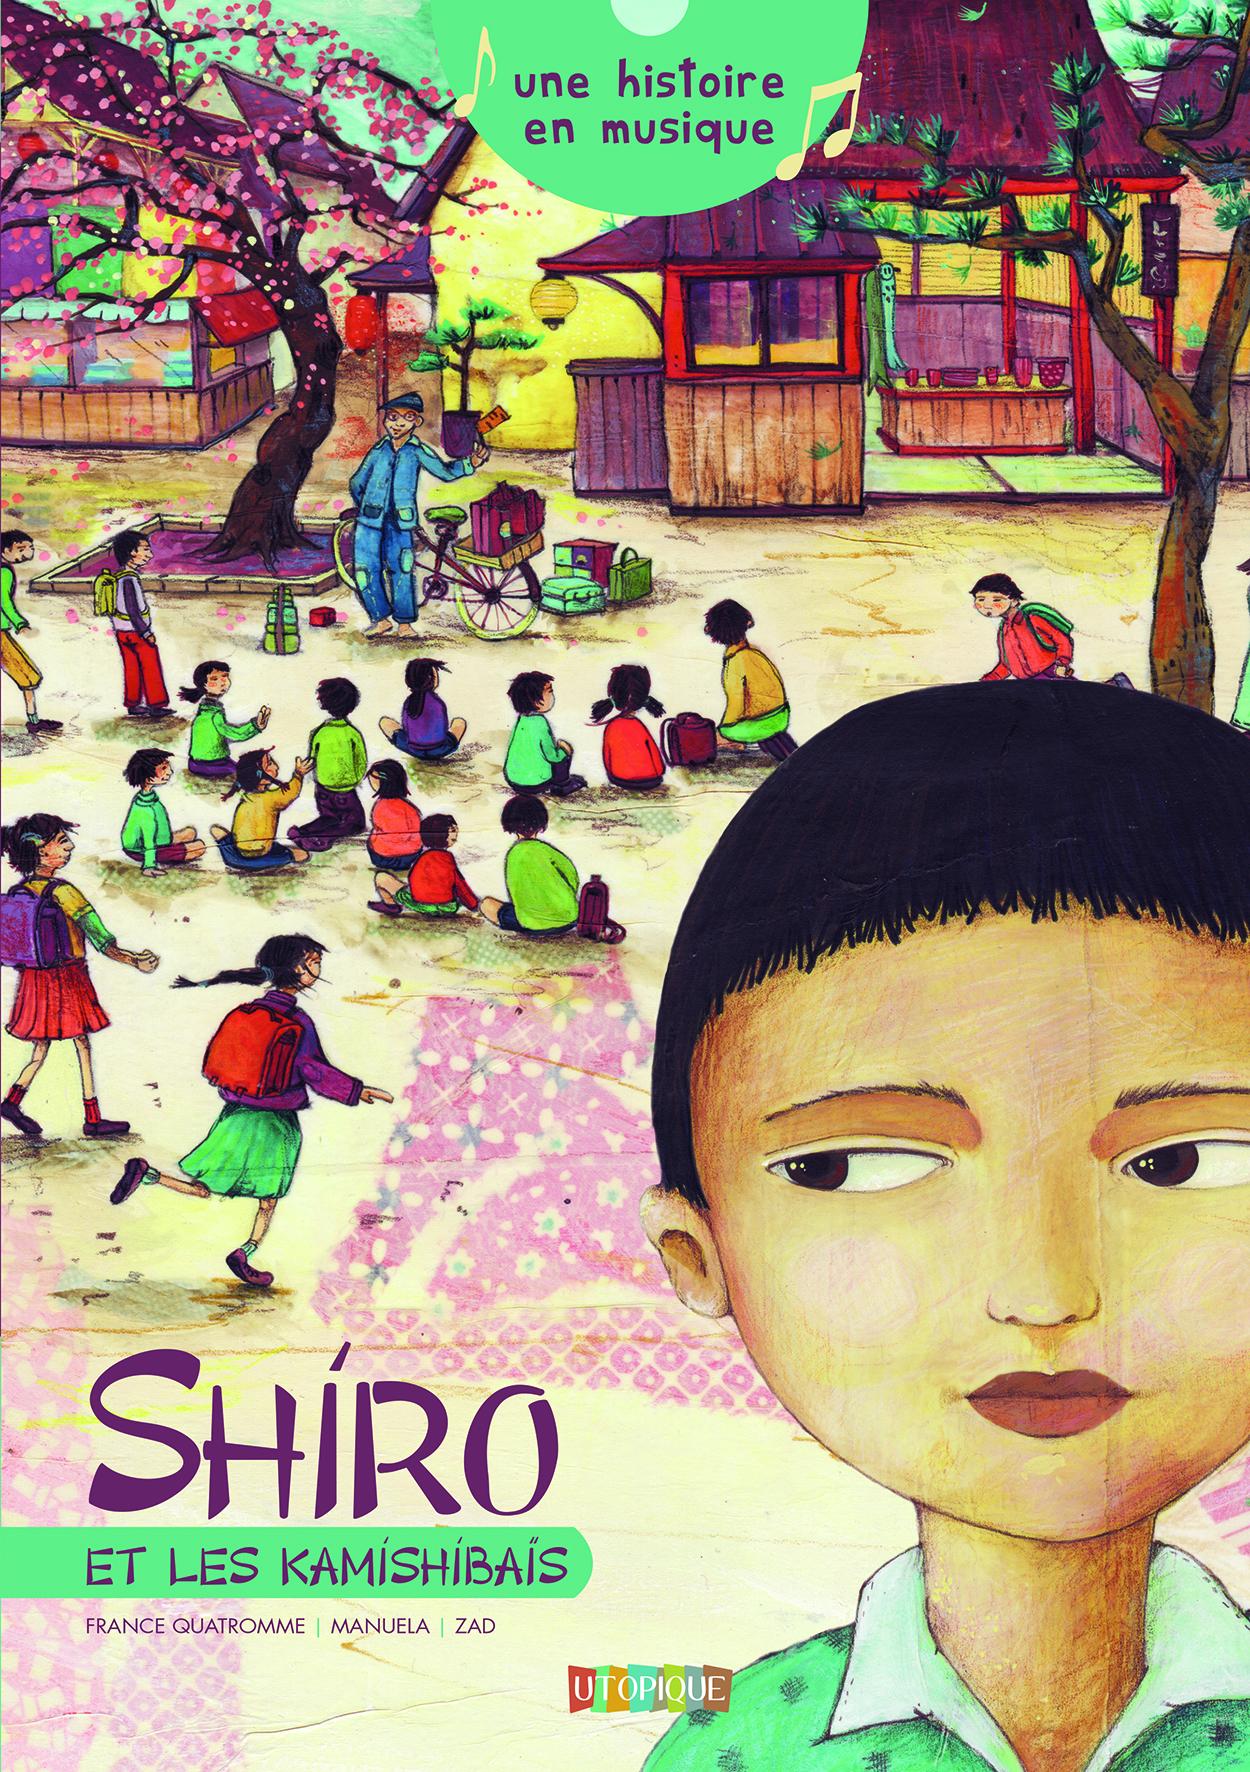 Shiro kamishibais couv 15 1